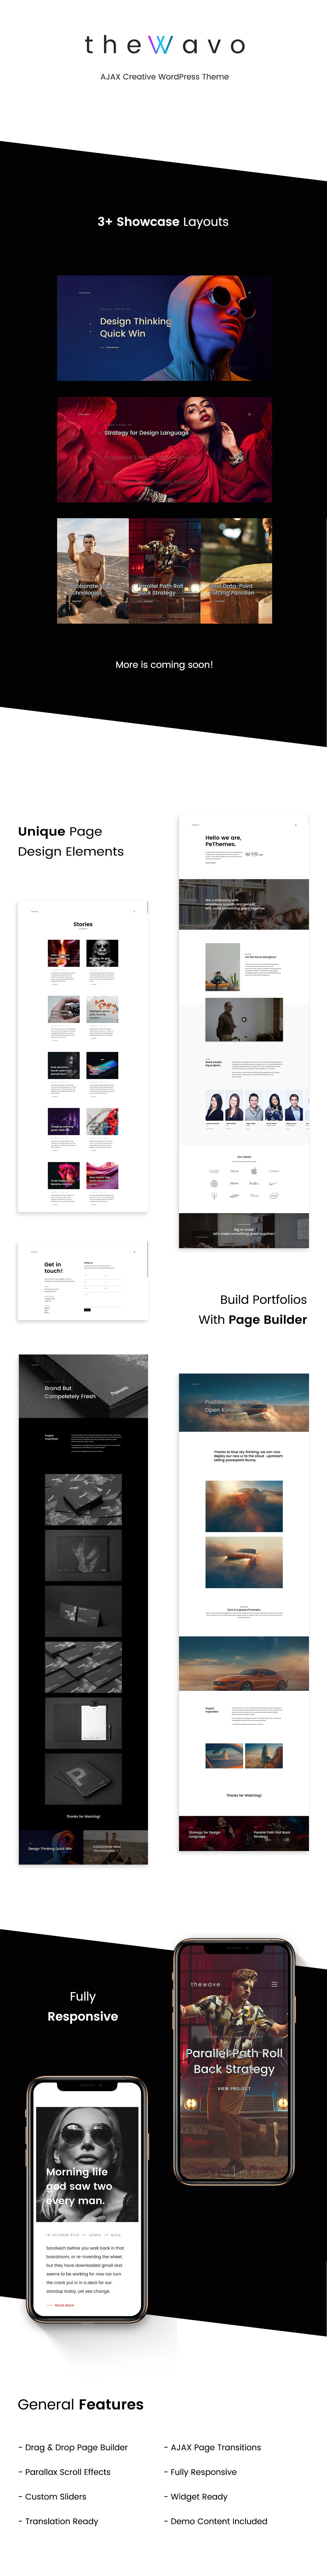 The Wavo - Portfolio Showcase WordPress Theme - 1